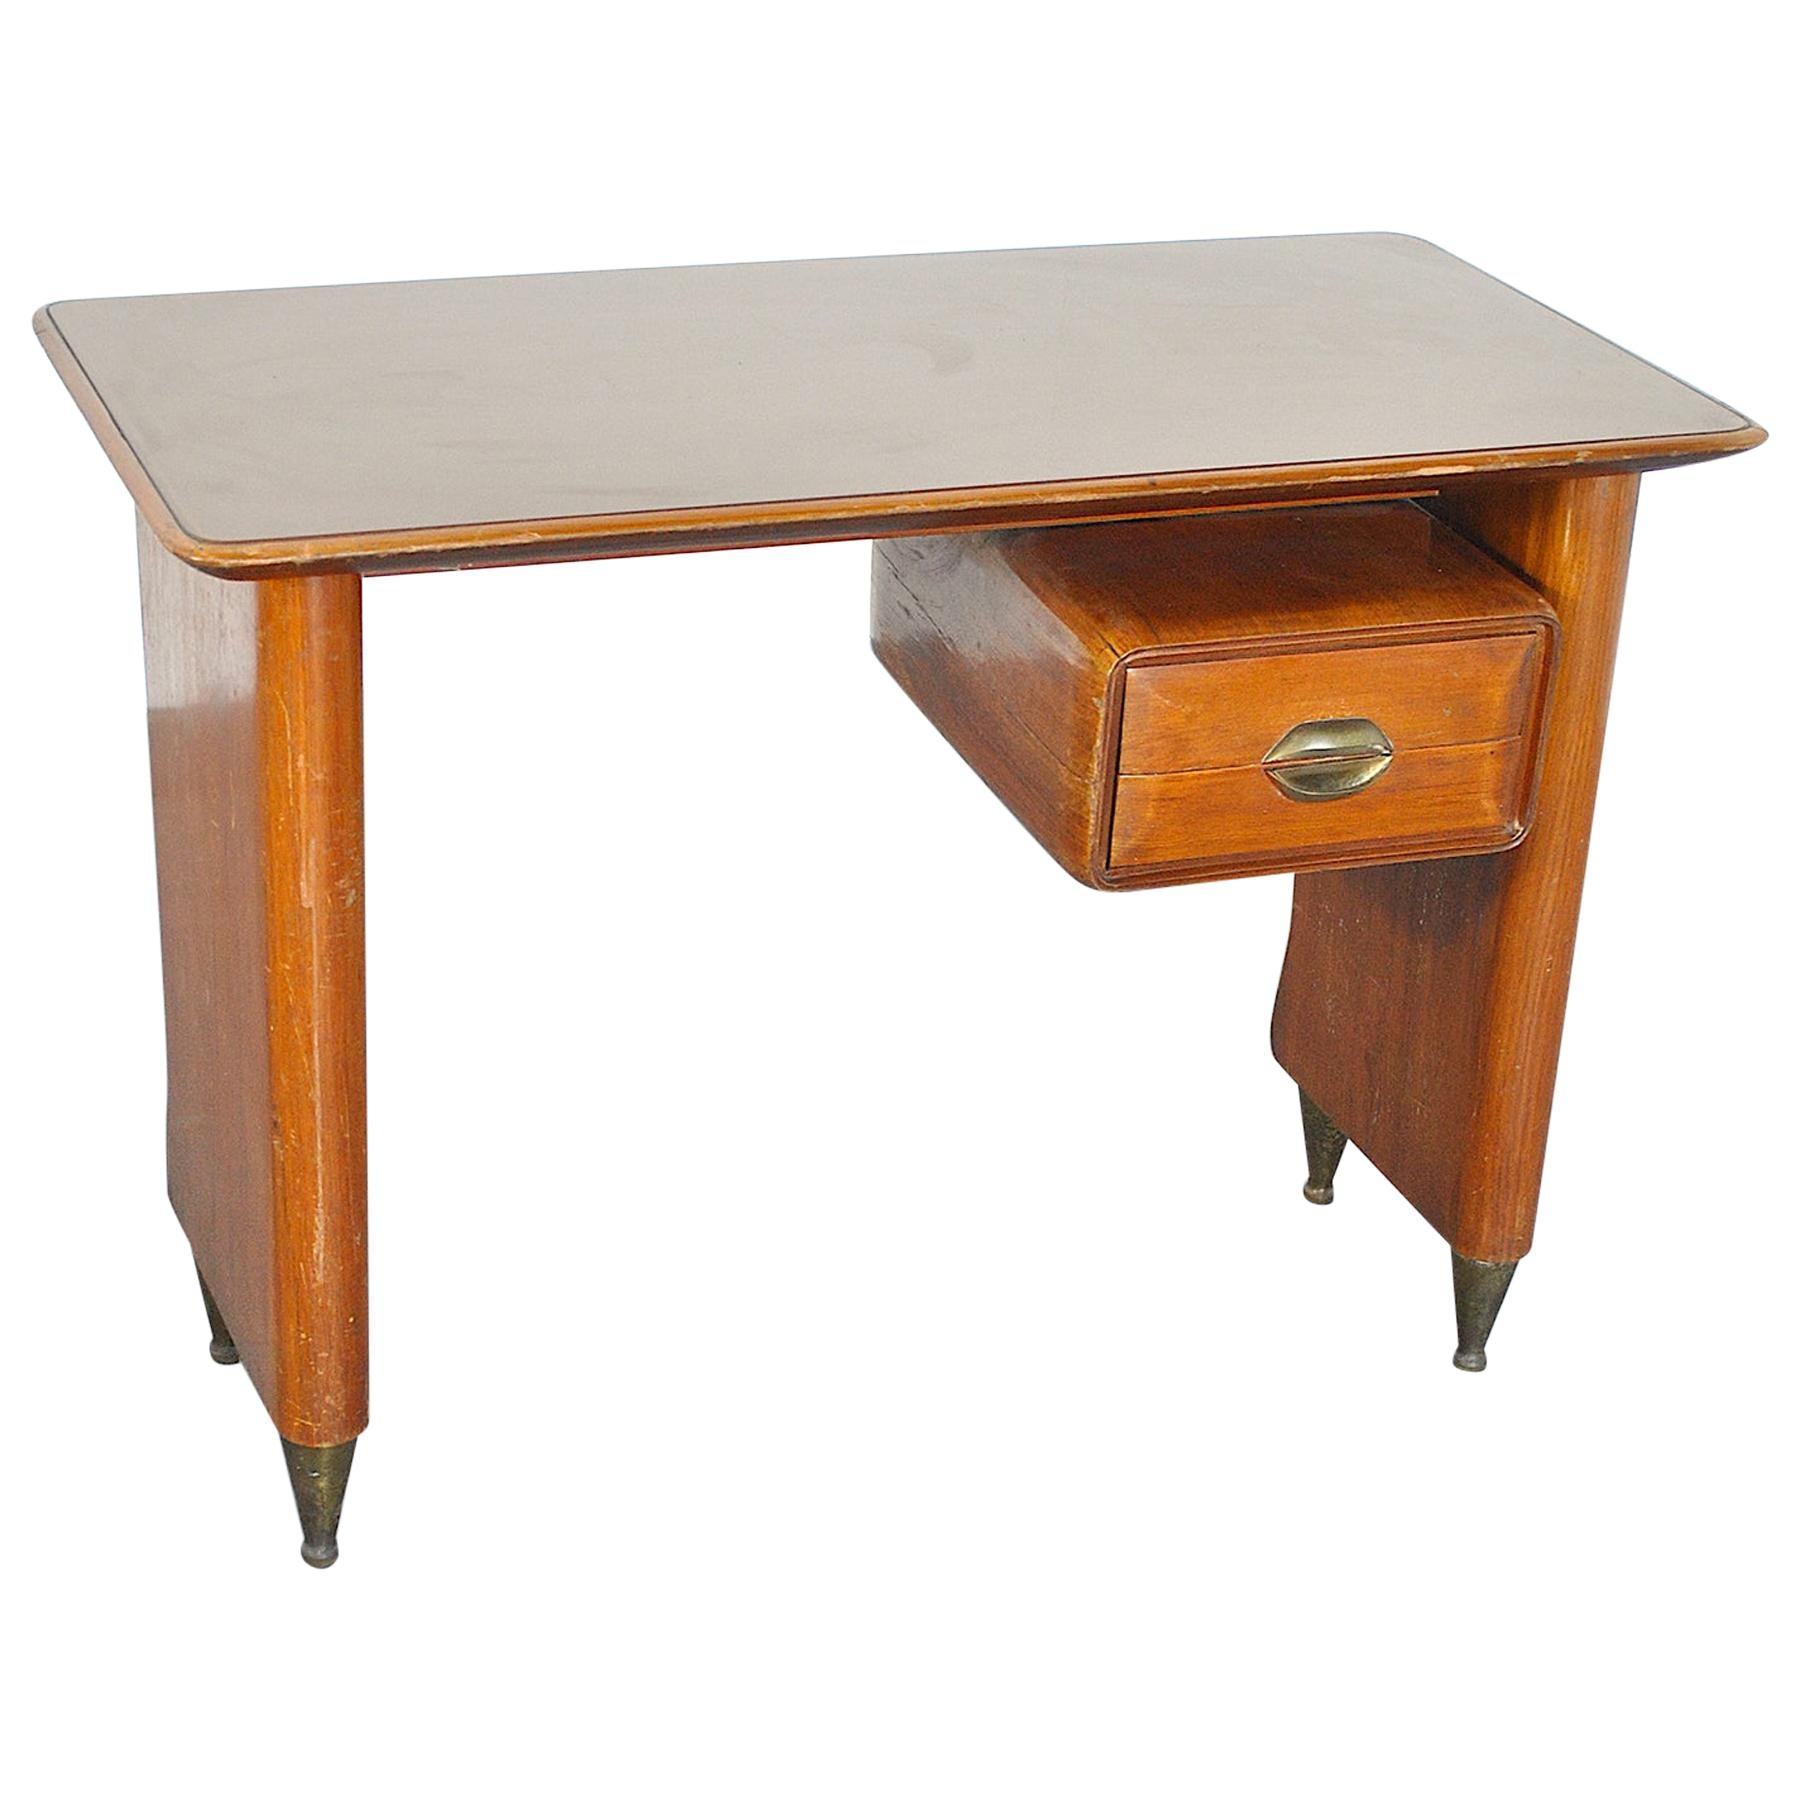 Italian Little Desk by Vittorio Dassi